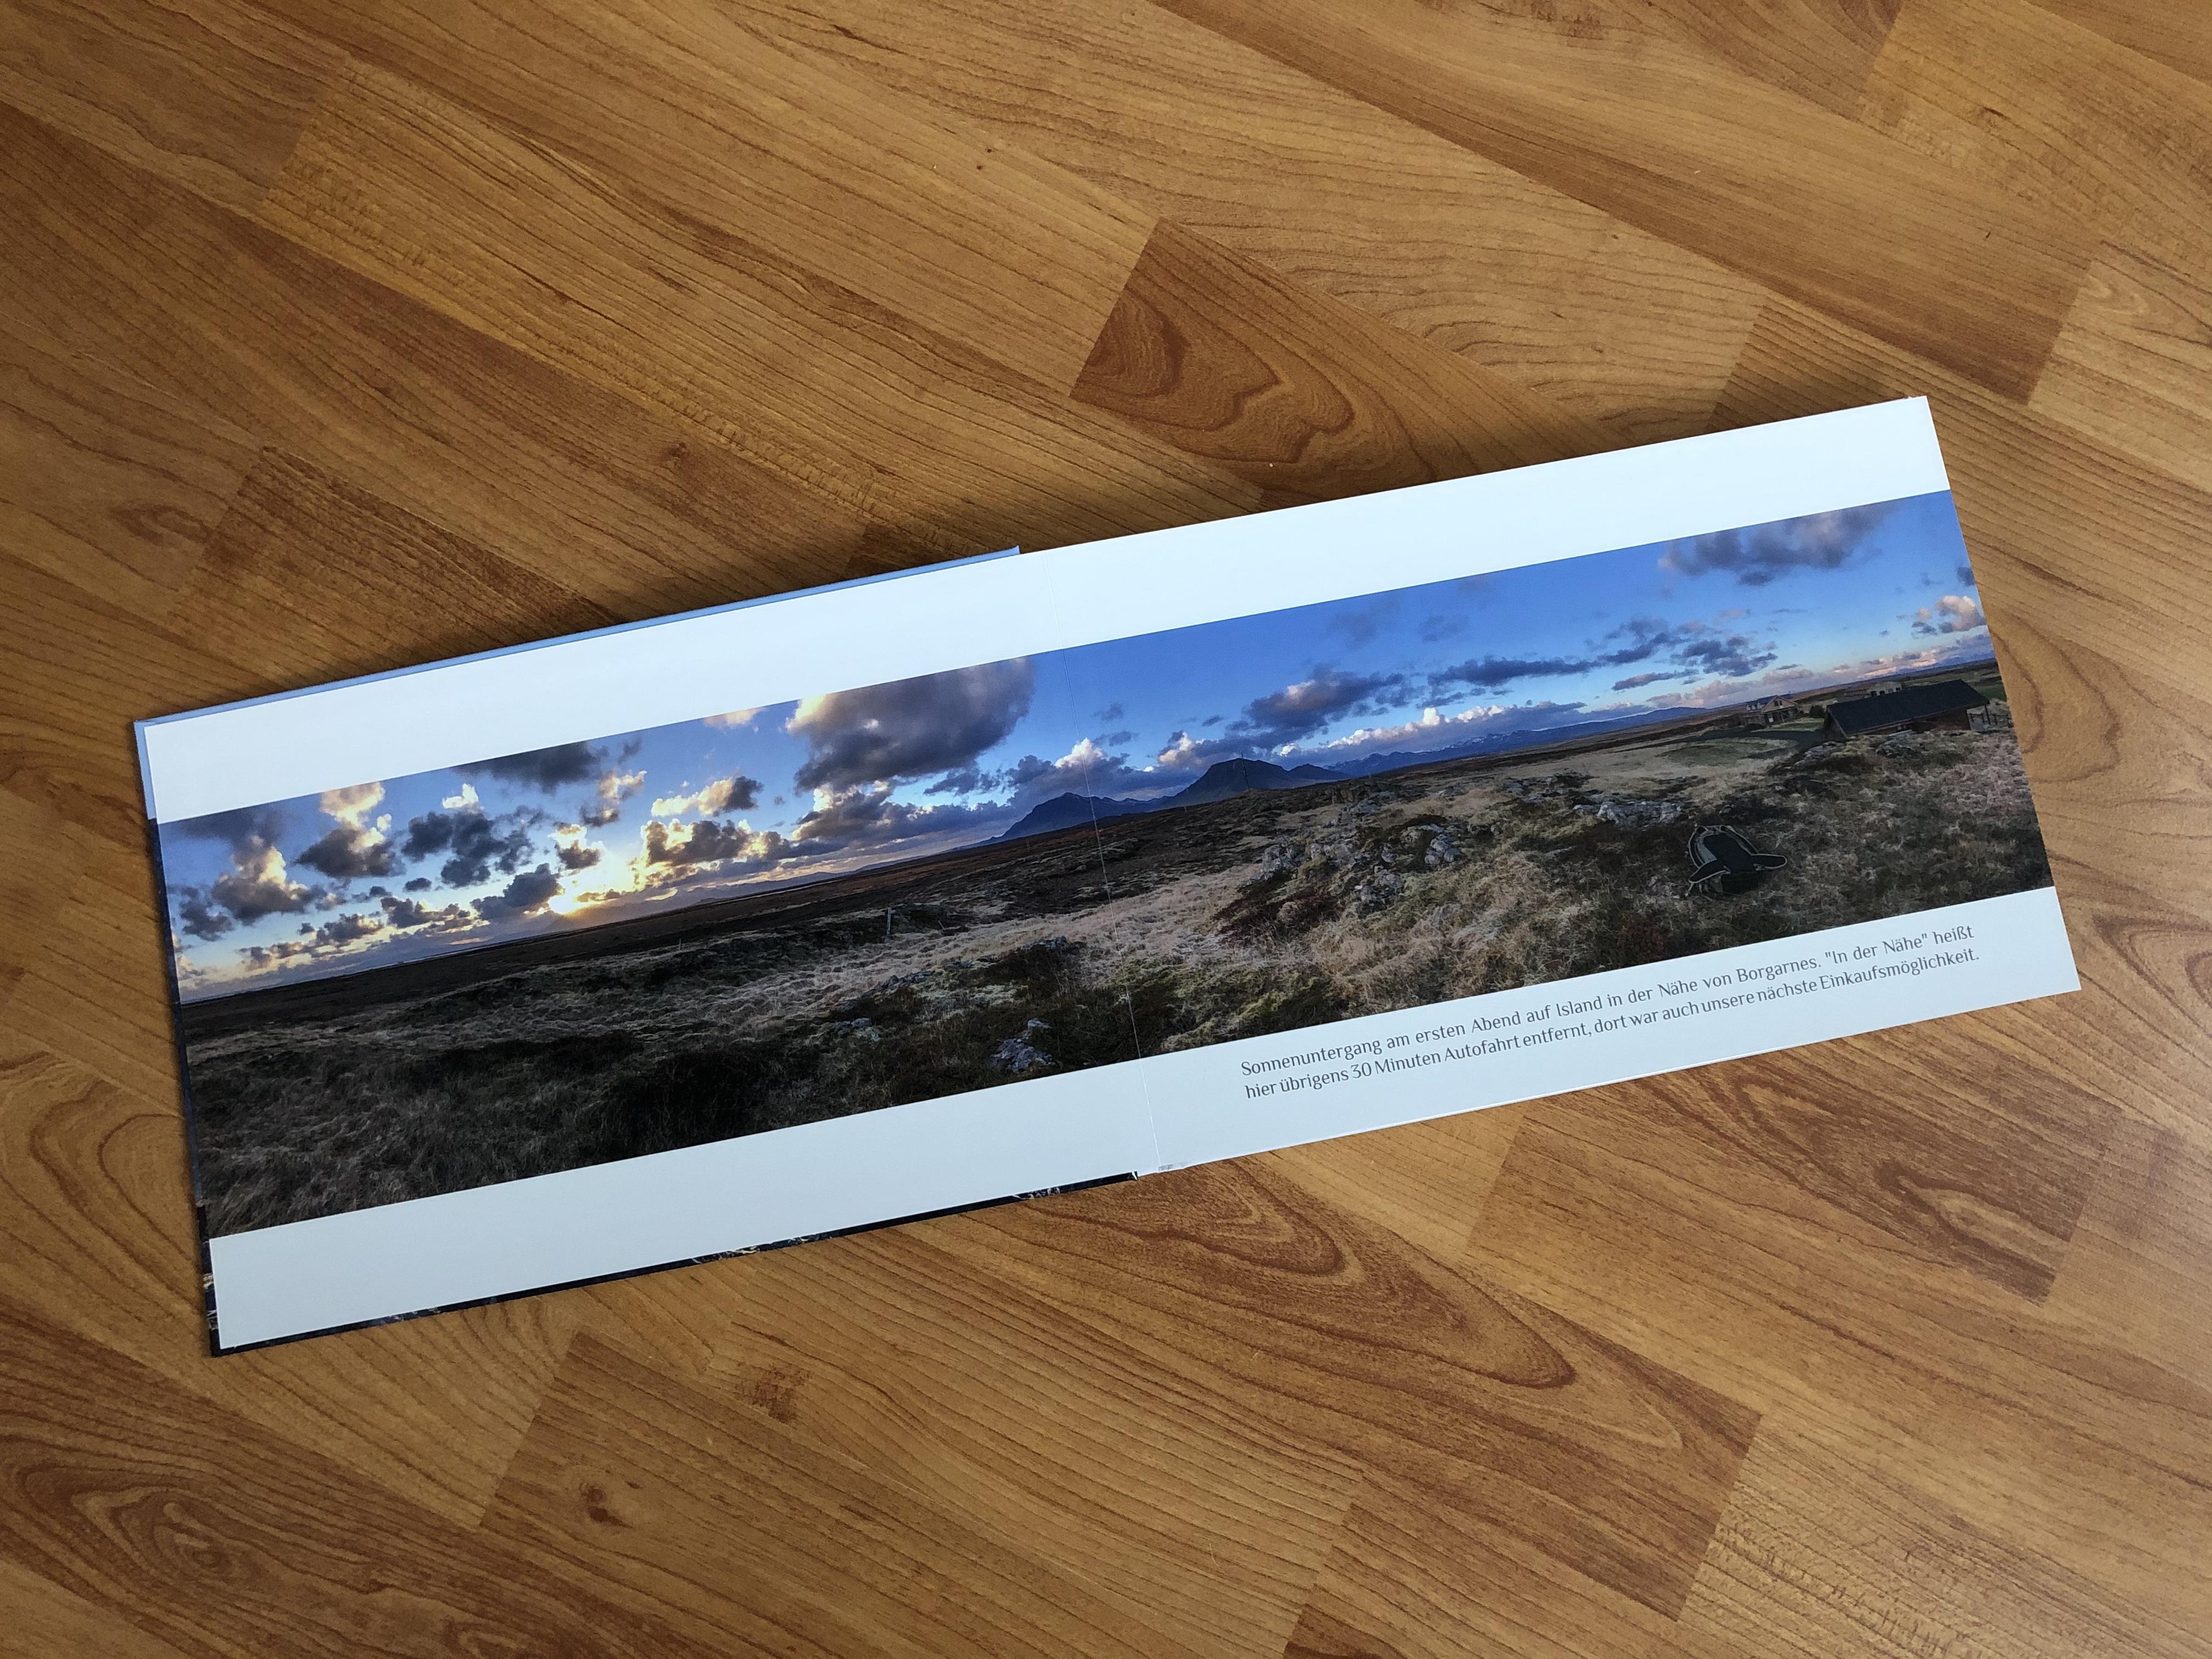 Fotobuch Review: Fotos gehören gedruckt